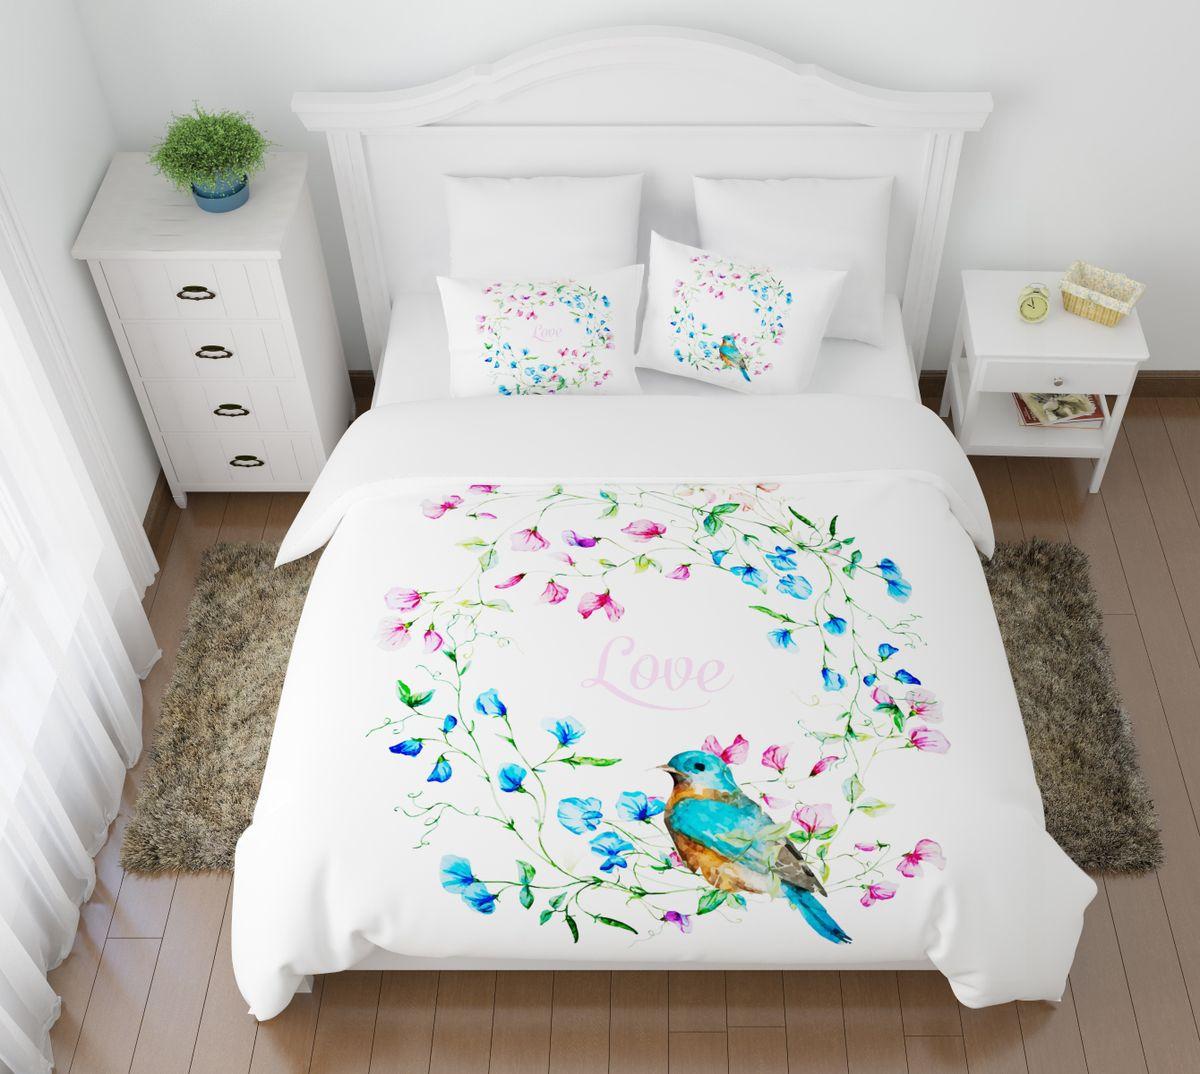 Комплект белья Сирень Аморе, 2-спальный, наволочки 50х70FD 992Комплект постельного белья Сирень выполнен из прочной и мягкой ткани. Четкий и стильный рисунок в сочетании с насыщенными красками делают комплект постельного белья неповторимой изюминкой любого интерьера.Постельное белье идеально подойдет для подарка. Идеальное соотношение смешенной ткани и гипоаллергенных красок - это гарантия здорового, спокойного сна. Ткань хорошо впитывает влагу, надолго сохраняет яркость красок.В комплект входят: простынь, пододеяльник, две наволочки. Постельное белье легко стирать при 30-40°С, гладить при 150°С, не отбеливать. Рекомендуется перед первым использованием постирать.УВАЖАЕМЫЕ КЛИЕНТЫ! Обращаем ваше внимание, что цвет простыни, пододеяльника, наволочки в комплектации может немного отличаться от представленного на фото.